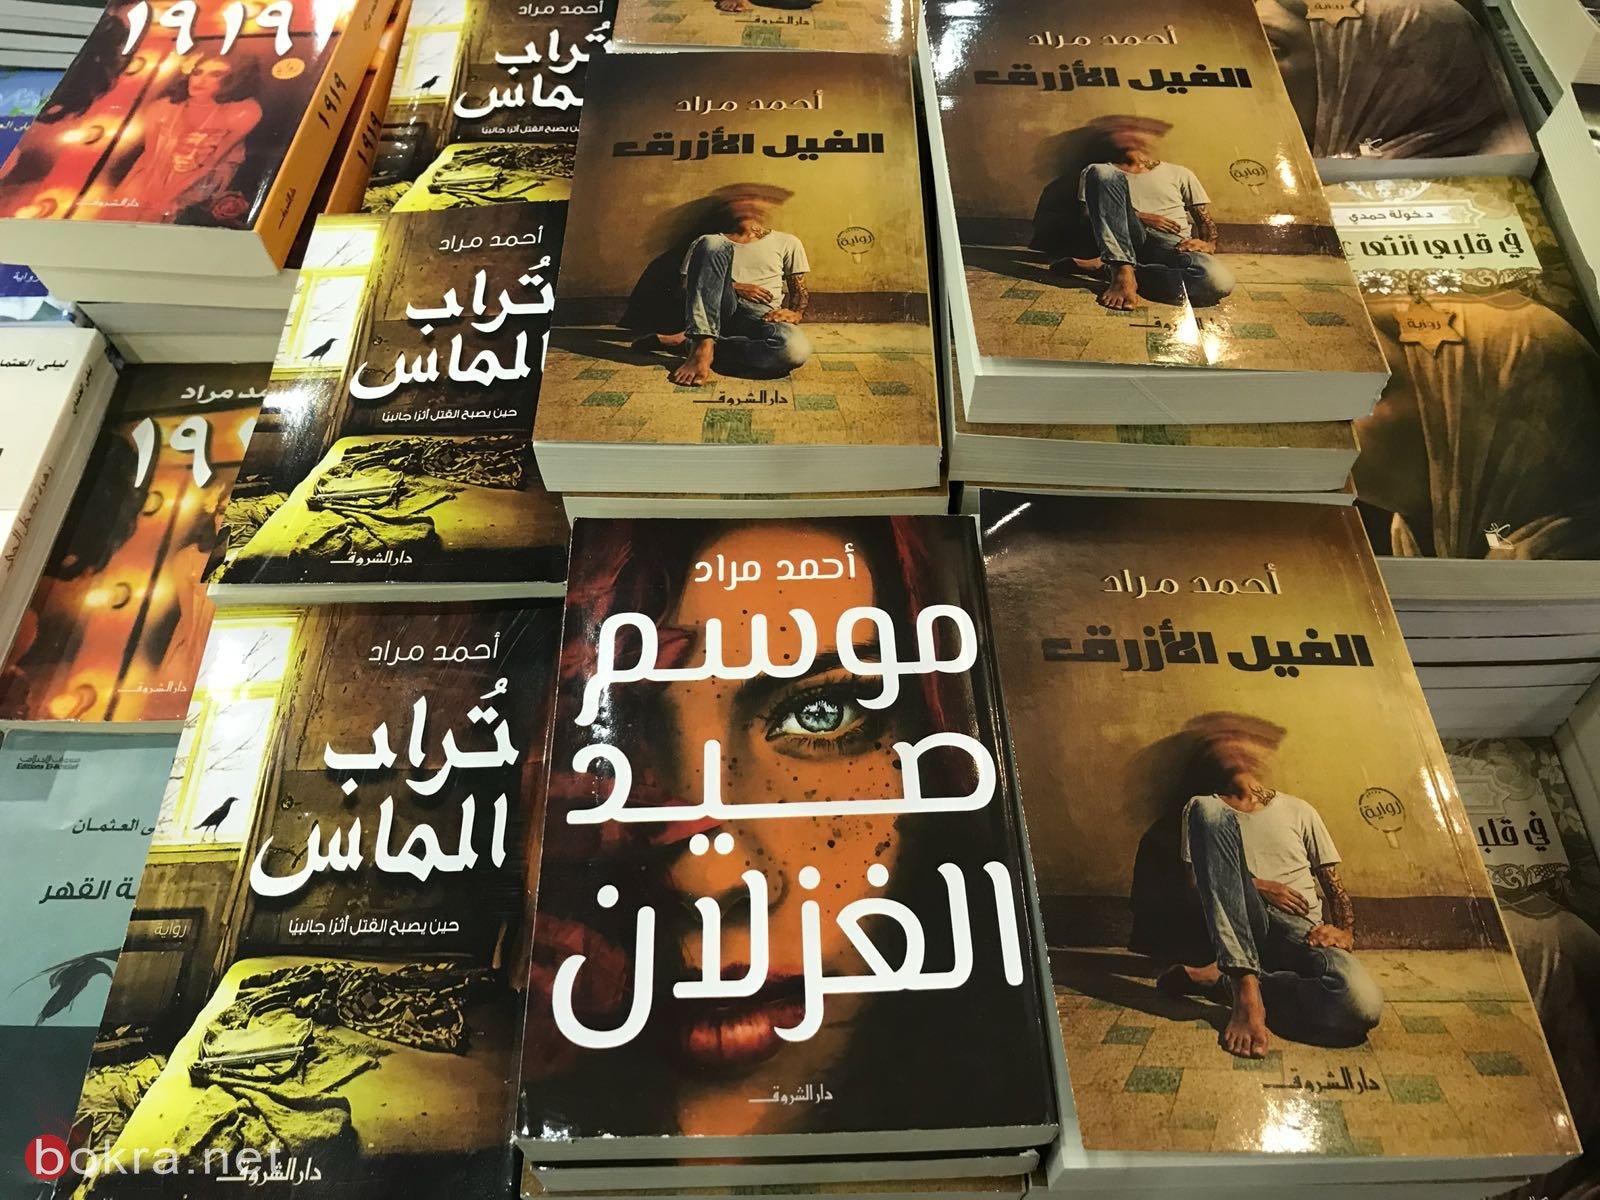 معرض الكتاب في كنيون كنعان- يركا يحقق نجاحاً كبيراً ، المستمر حتى السبت 10.3.18-4